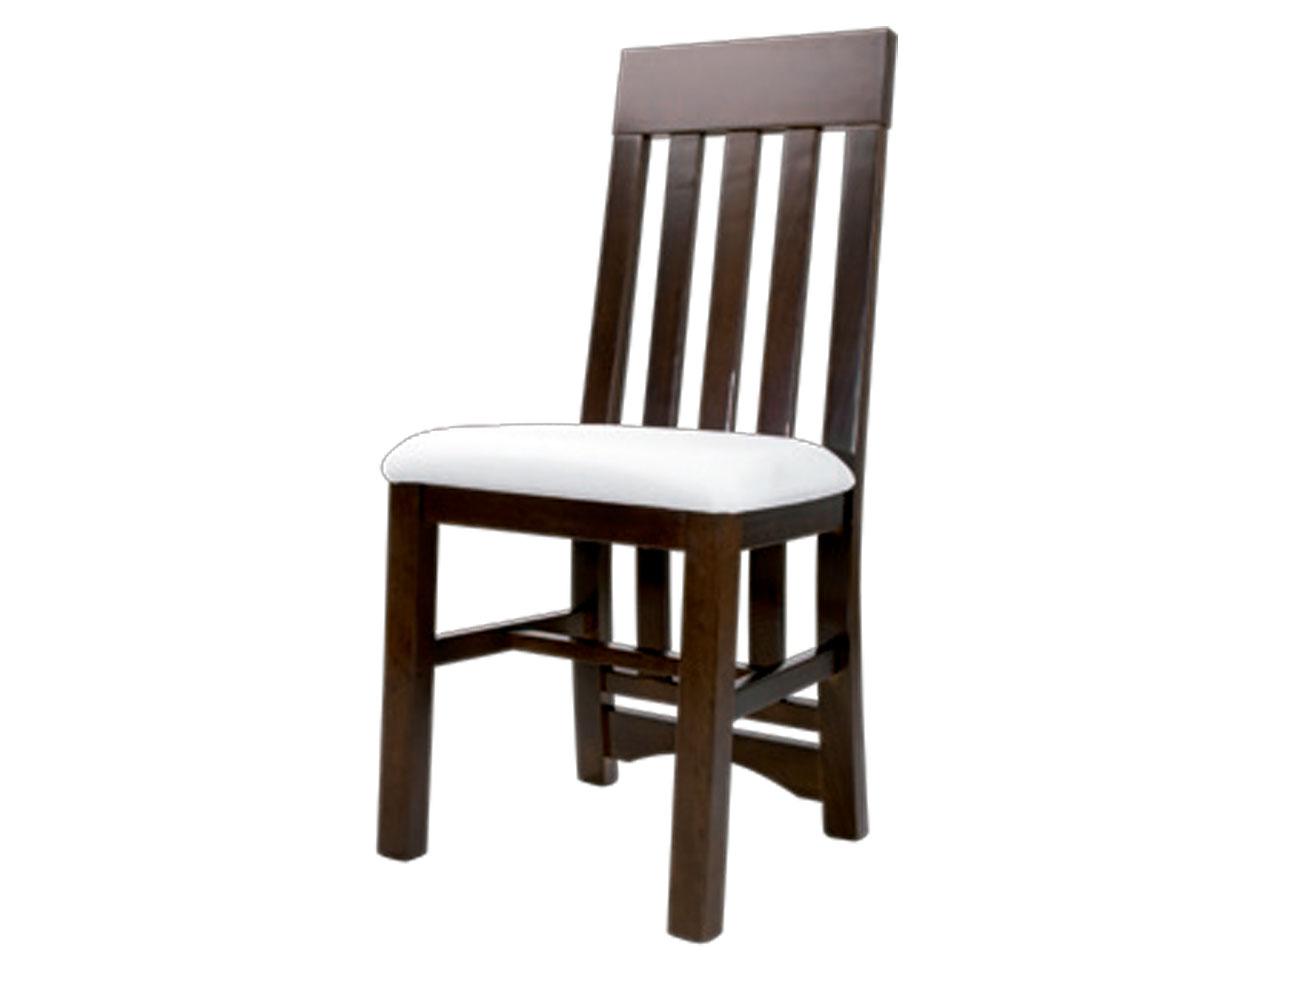 C0 56 silla madera